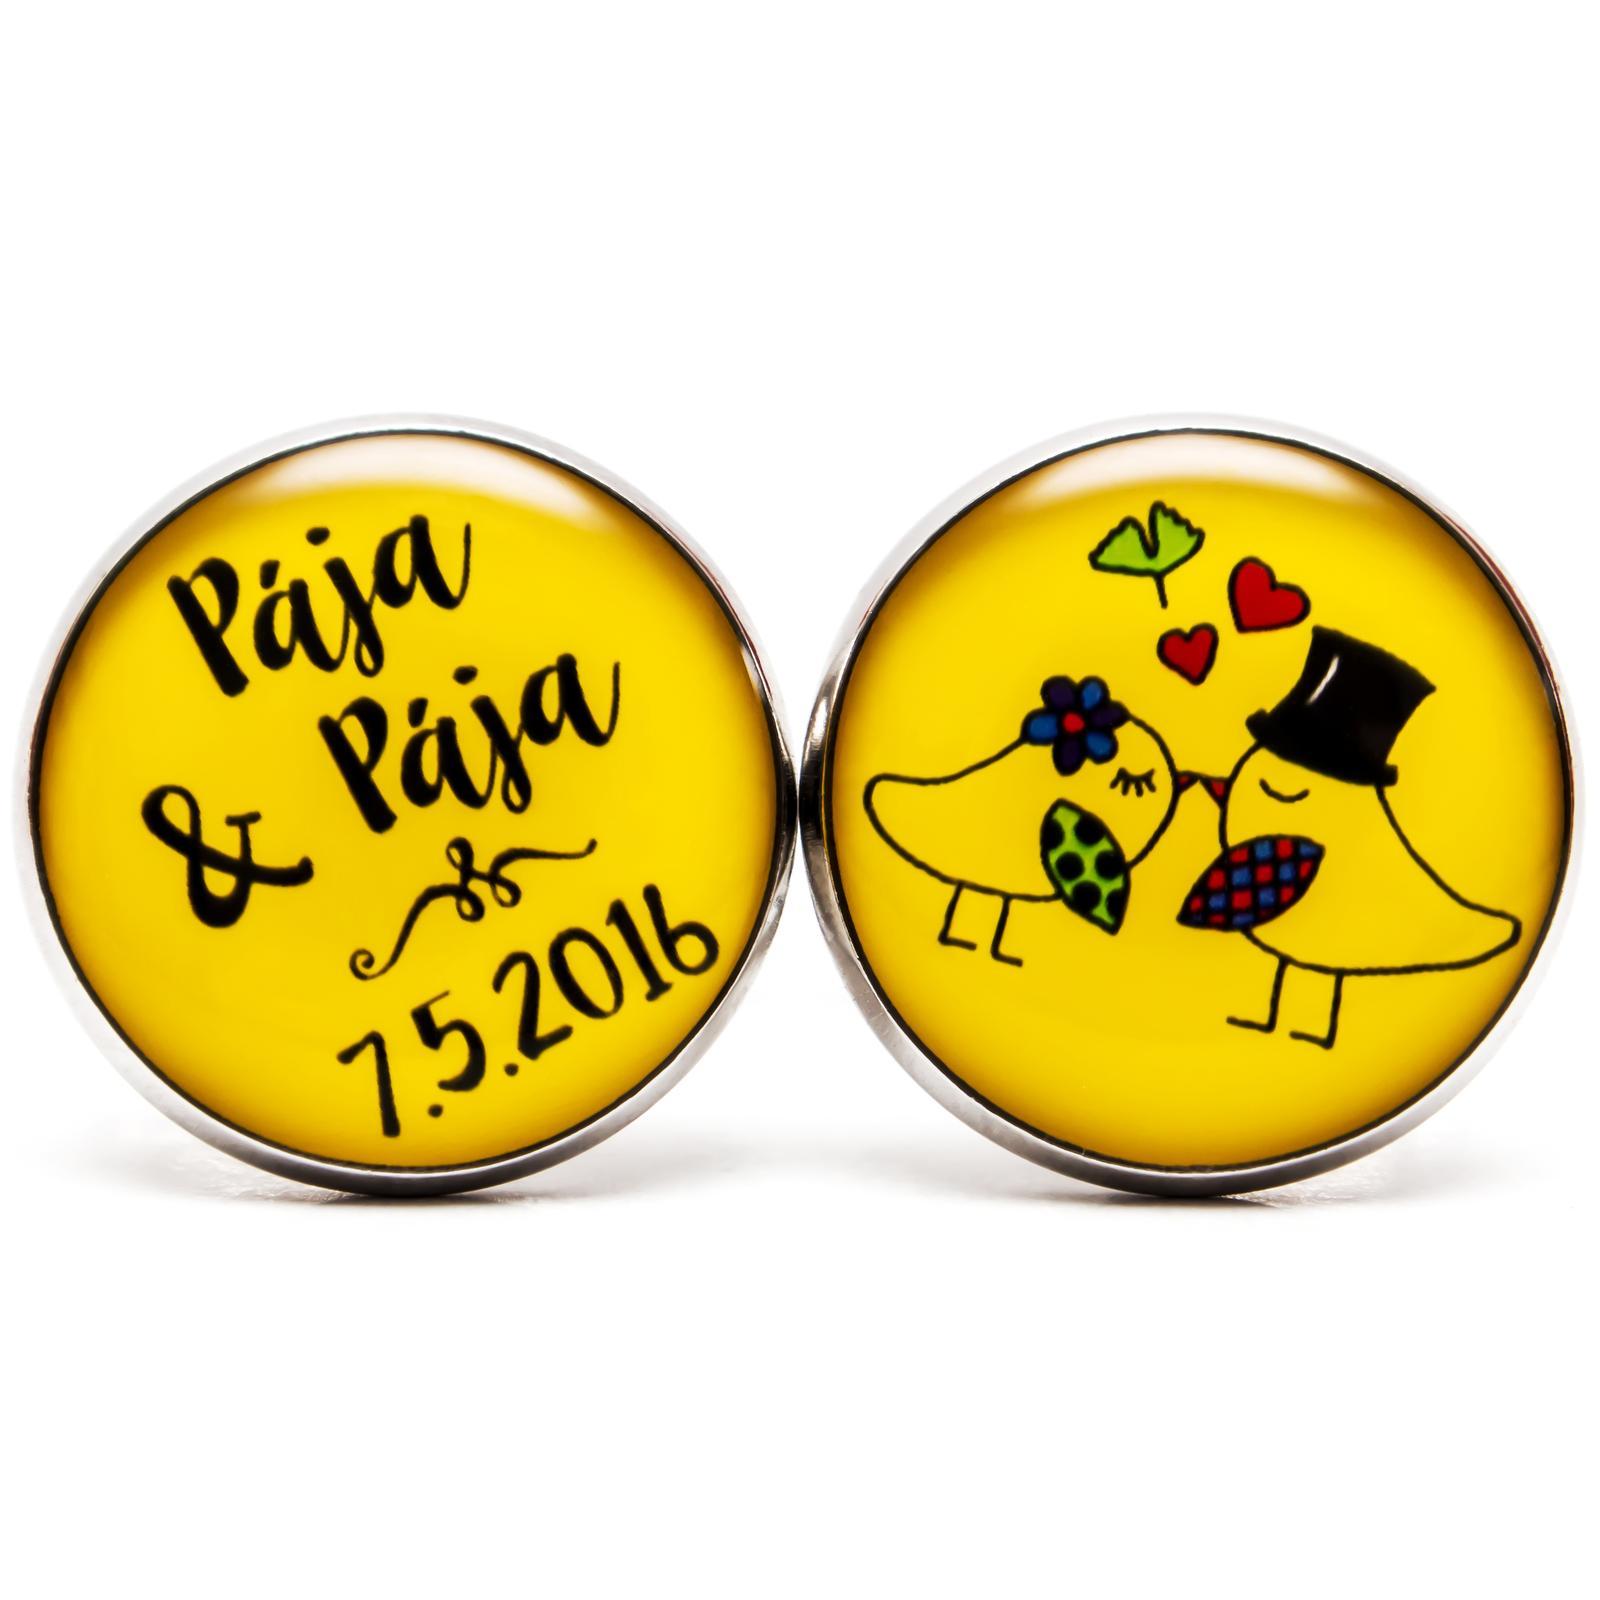 ♥  Manžetové gombíky na mieru - presne podľa Tvojich predstáv ♥ - Manžetky s holubičkami v žltej